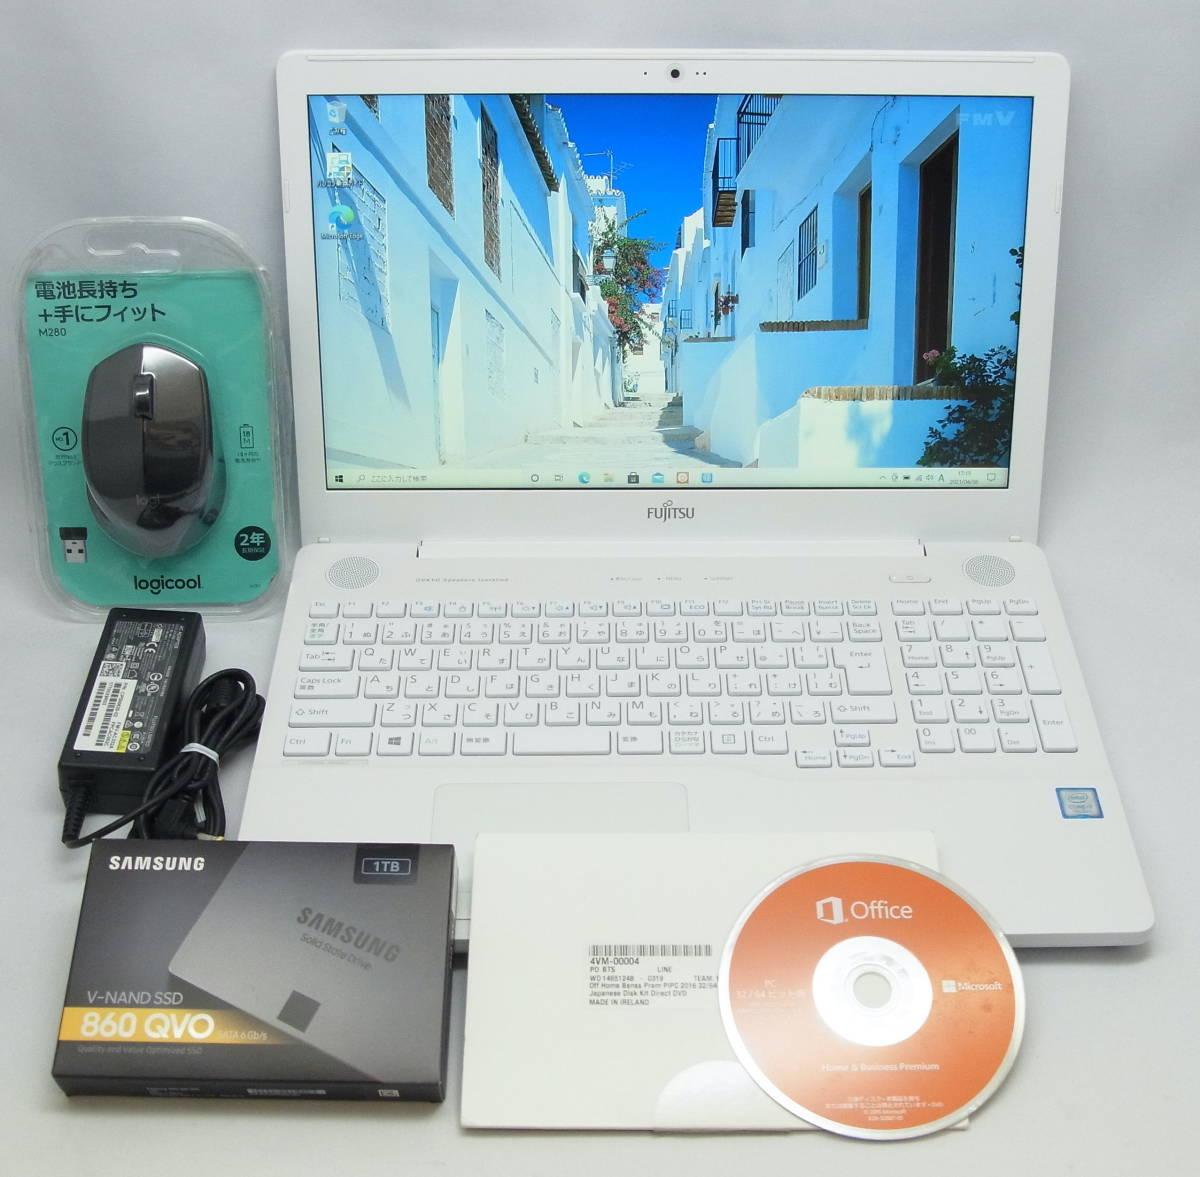 富士通 AH50/C2・ONKYOスピーカー・Core i7-7700HQ・DVDマルチ・15.6型ワイド・高速新品S